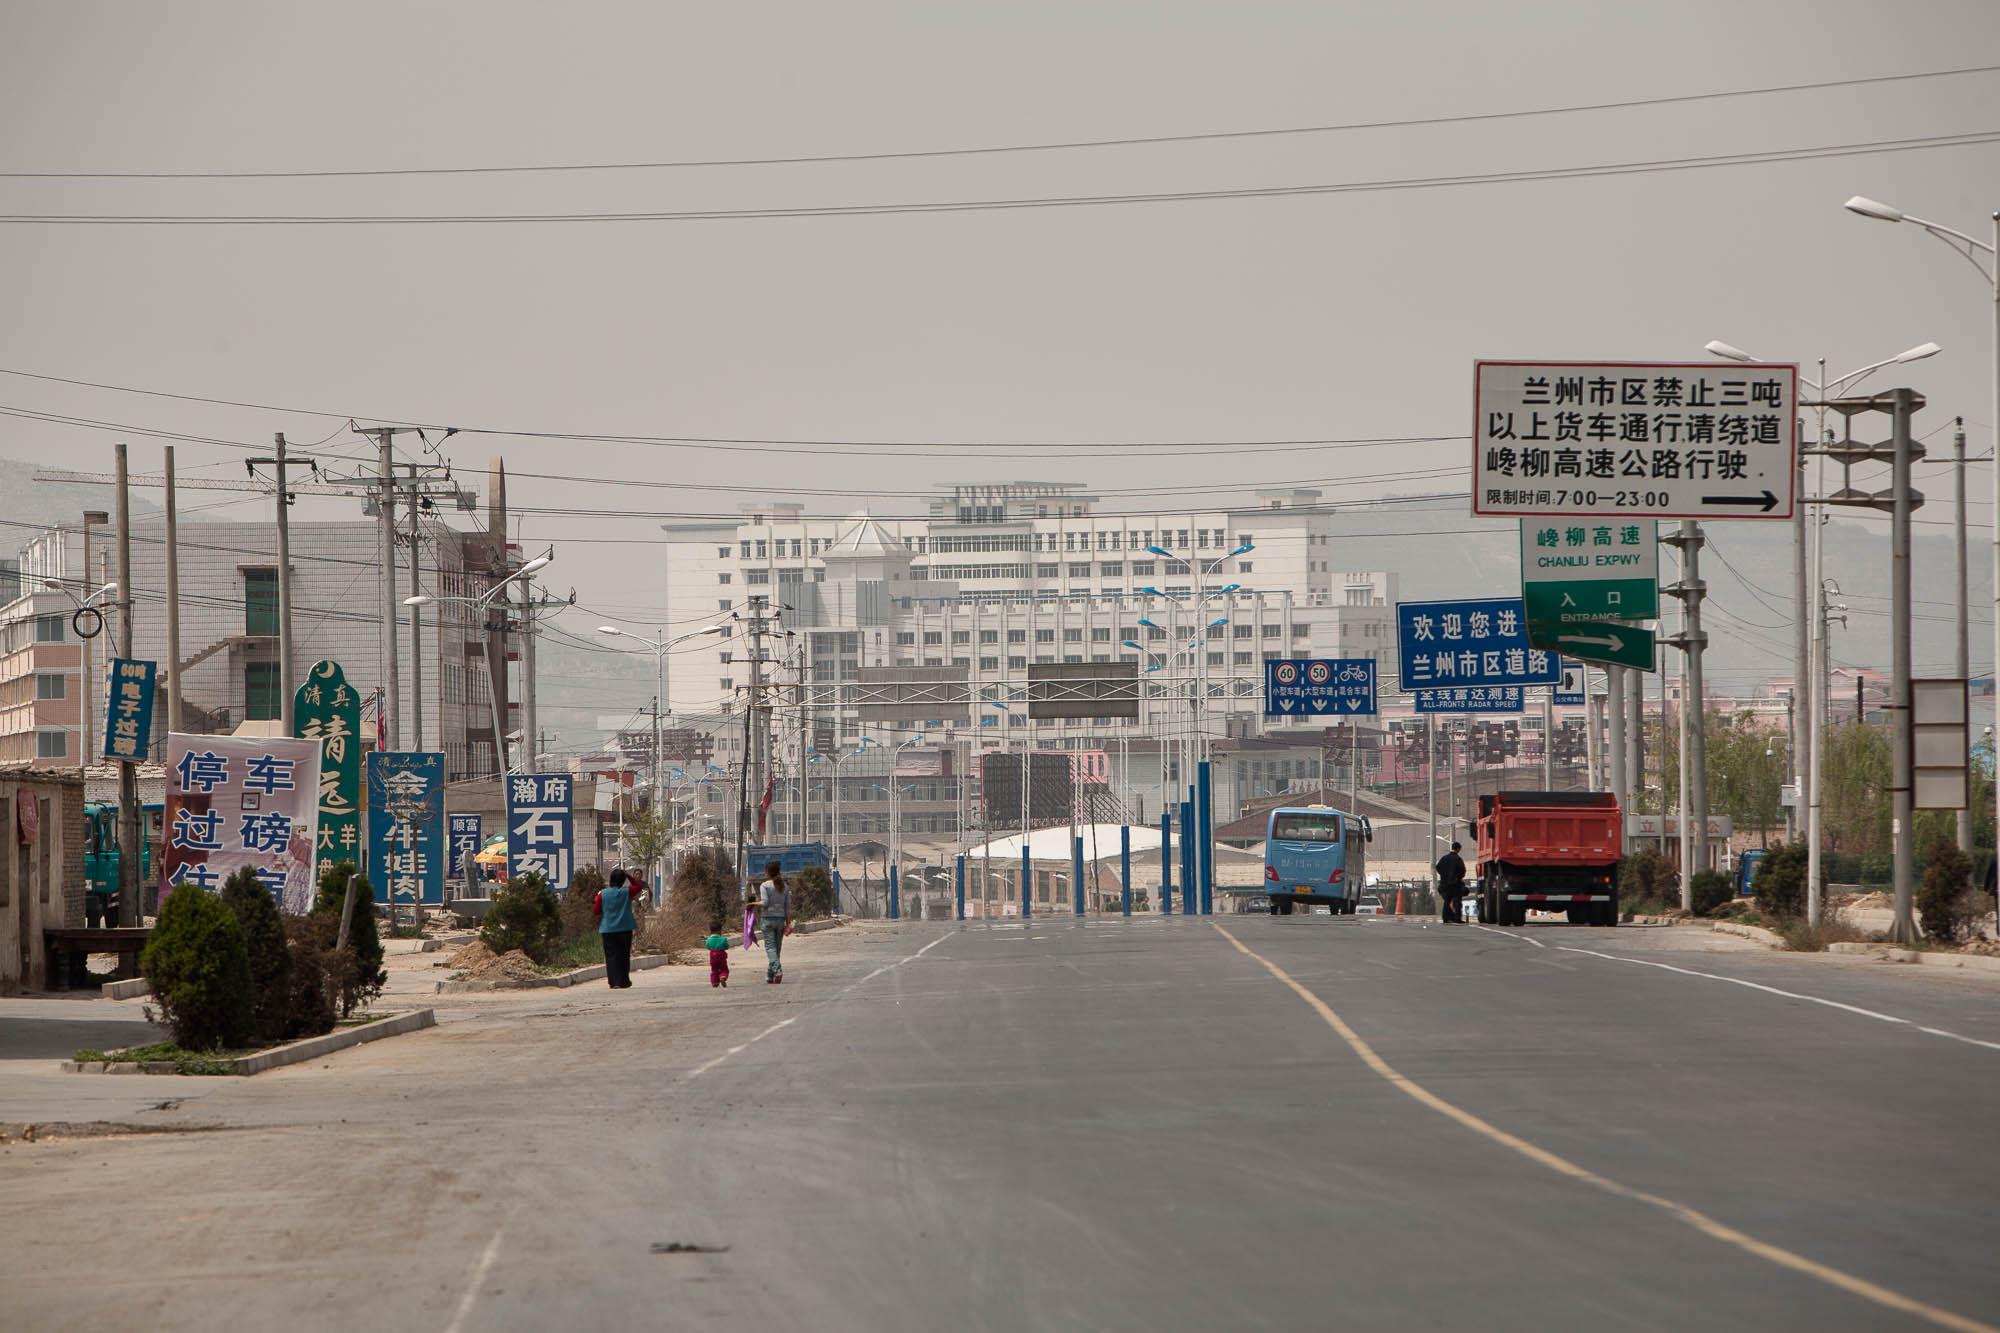 outskirts of Lanzhou